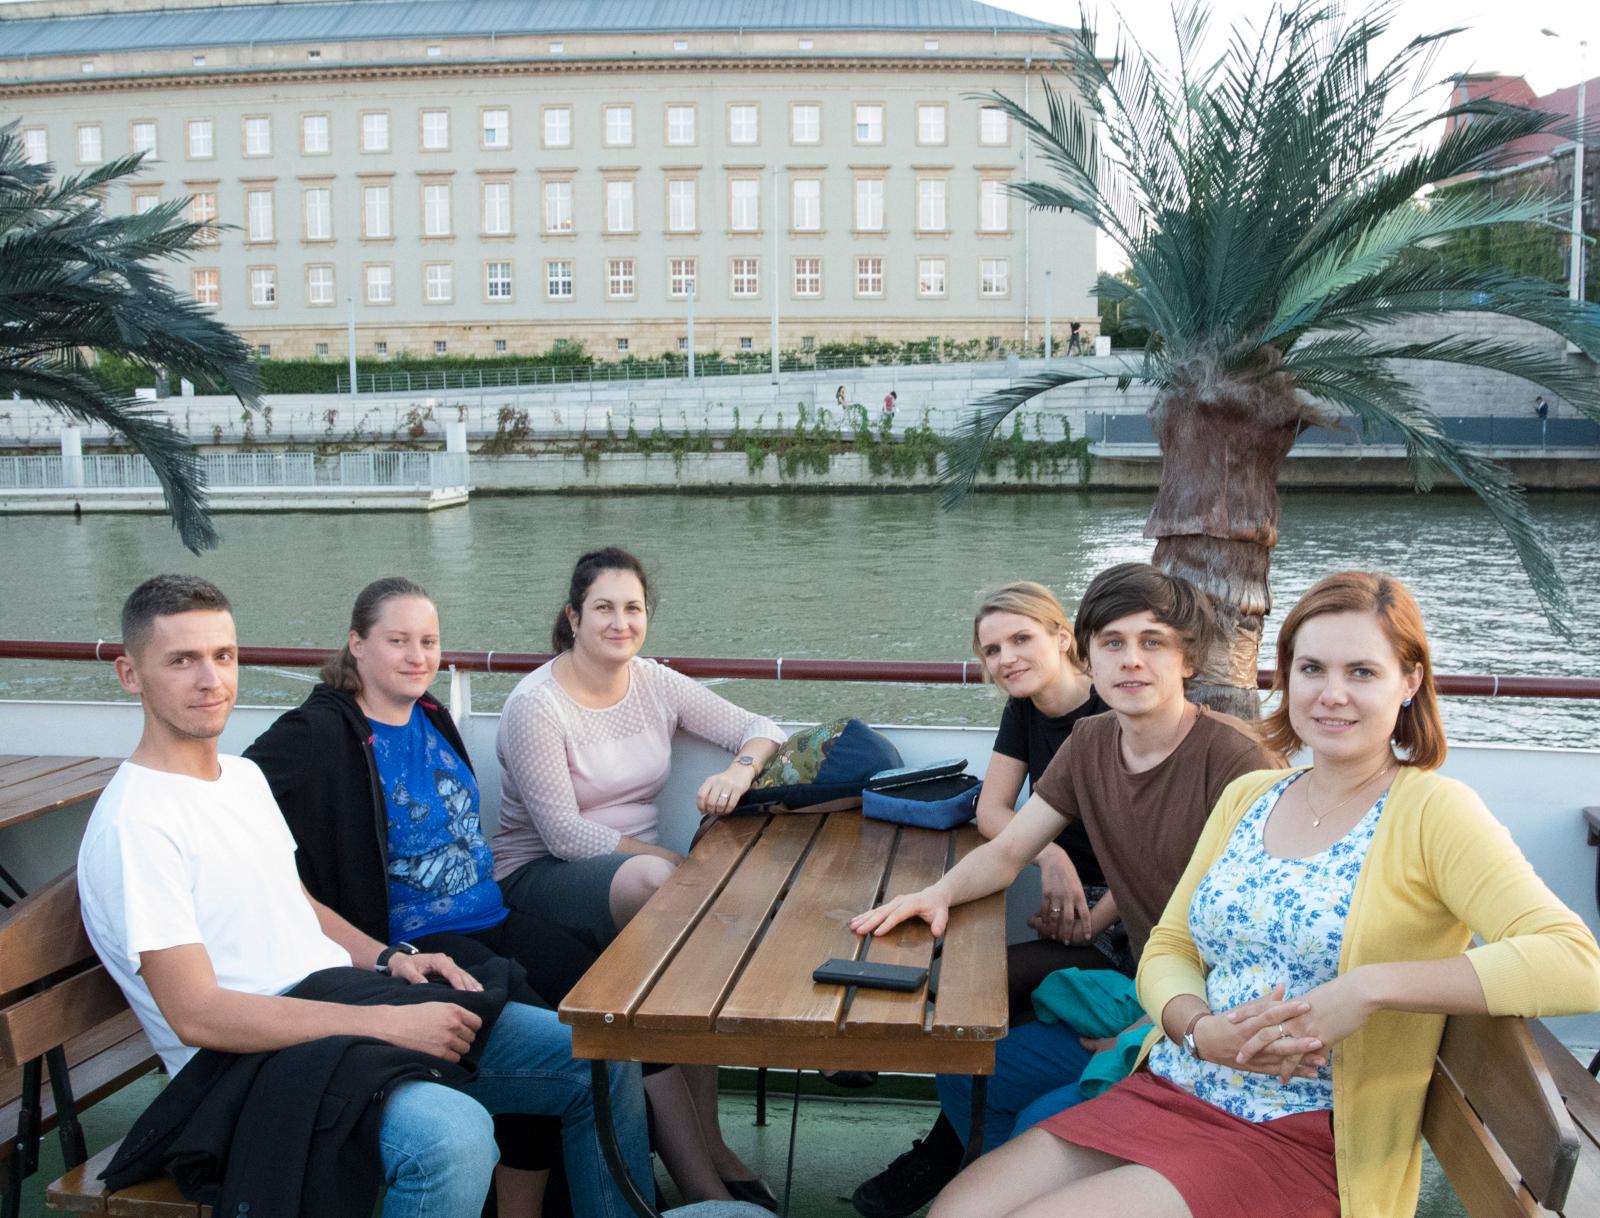 Kolejne spotkanie w projekcie Nauru! Tym razem we Wrocławiu